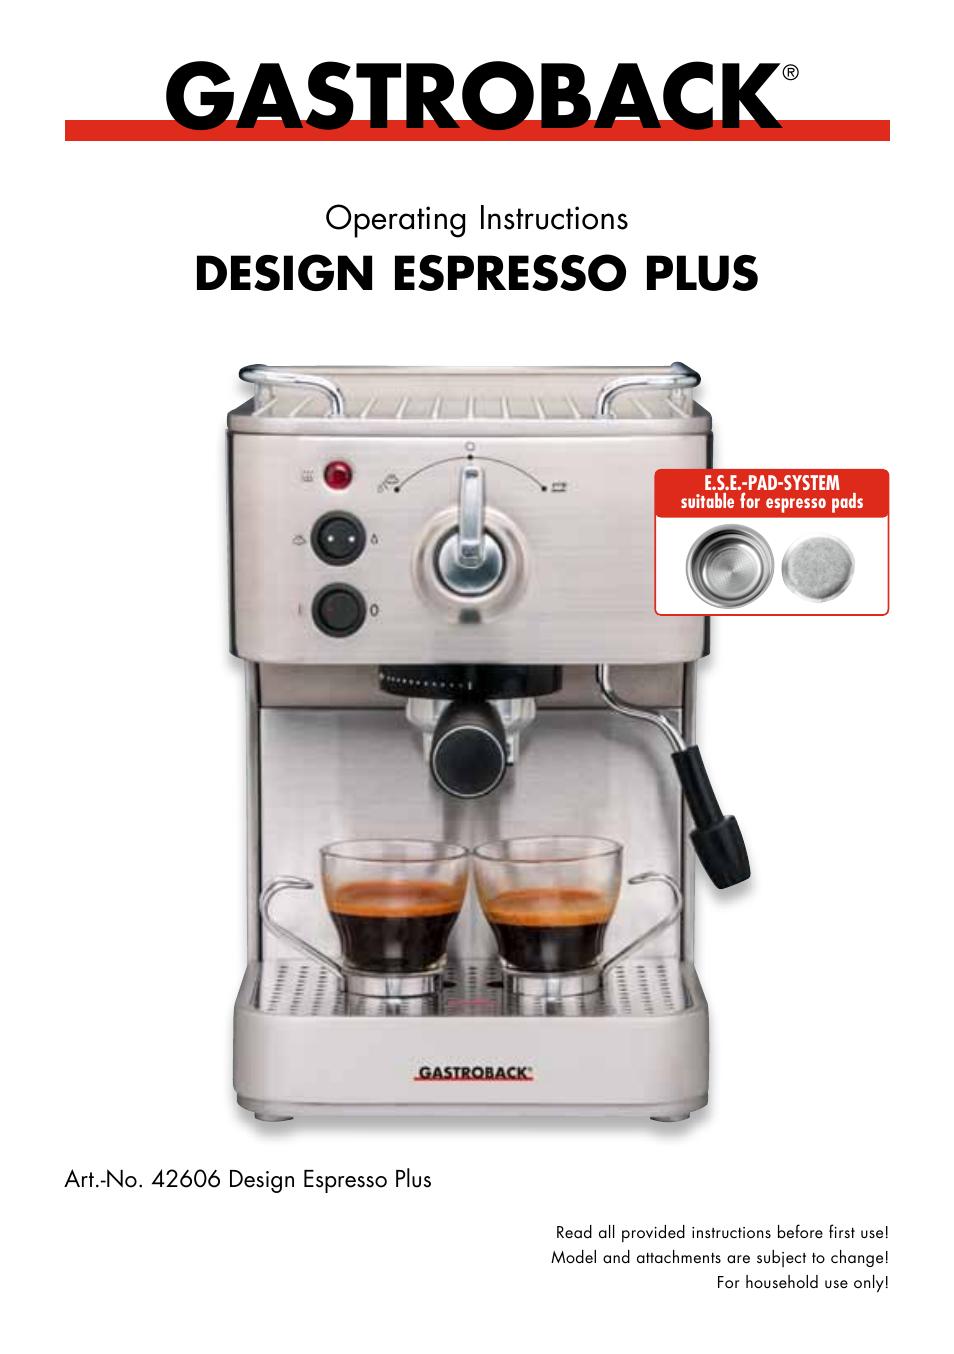 gastroback 42606 design espresso plus user manual 30 pages rh manualsdir com Manual Espresso Press Breville Coffee Maker and Espresso Combo